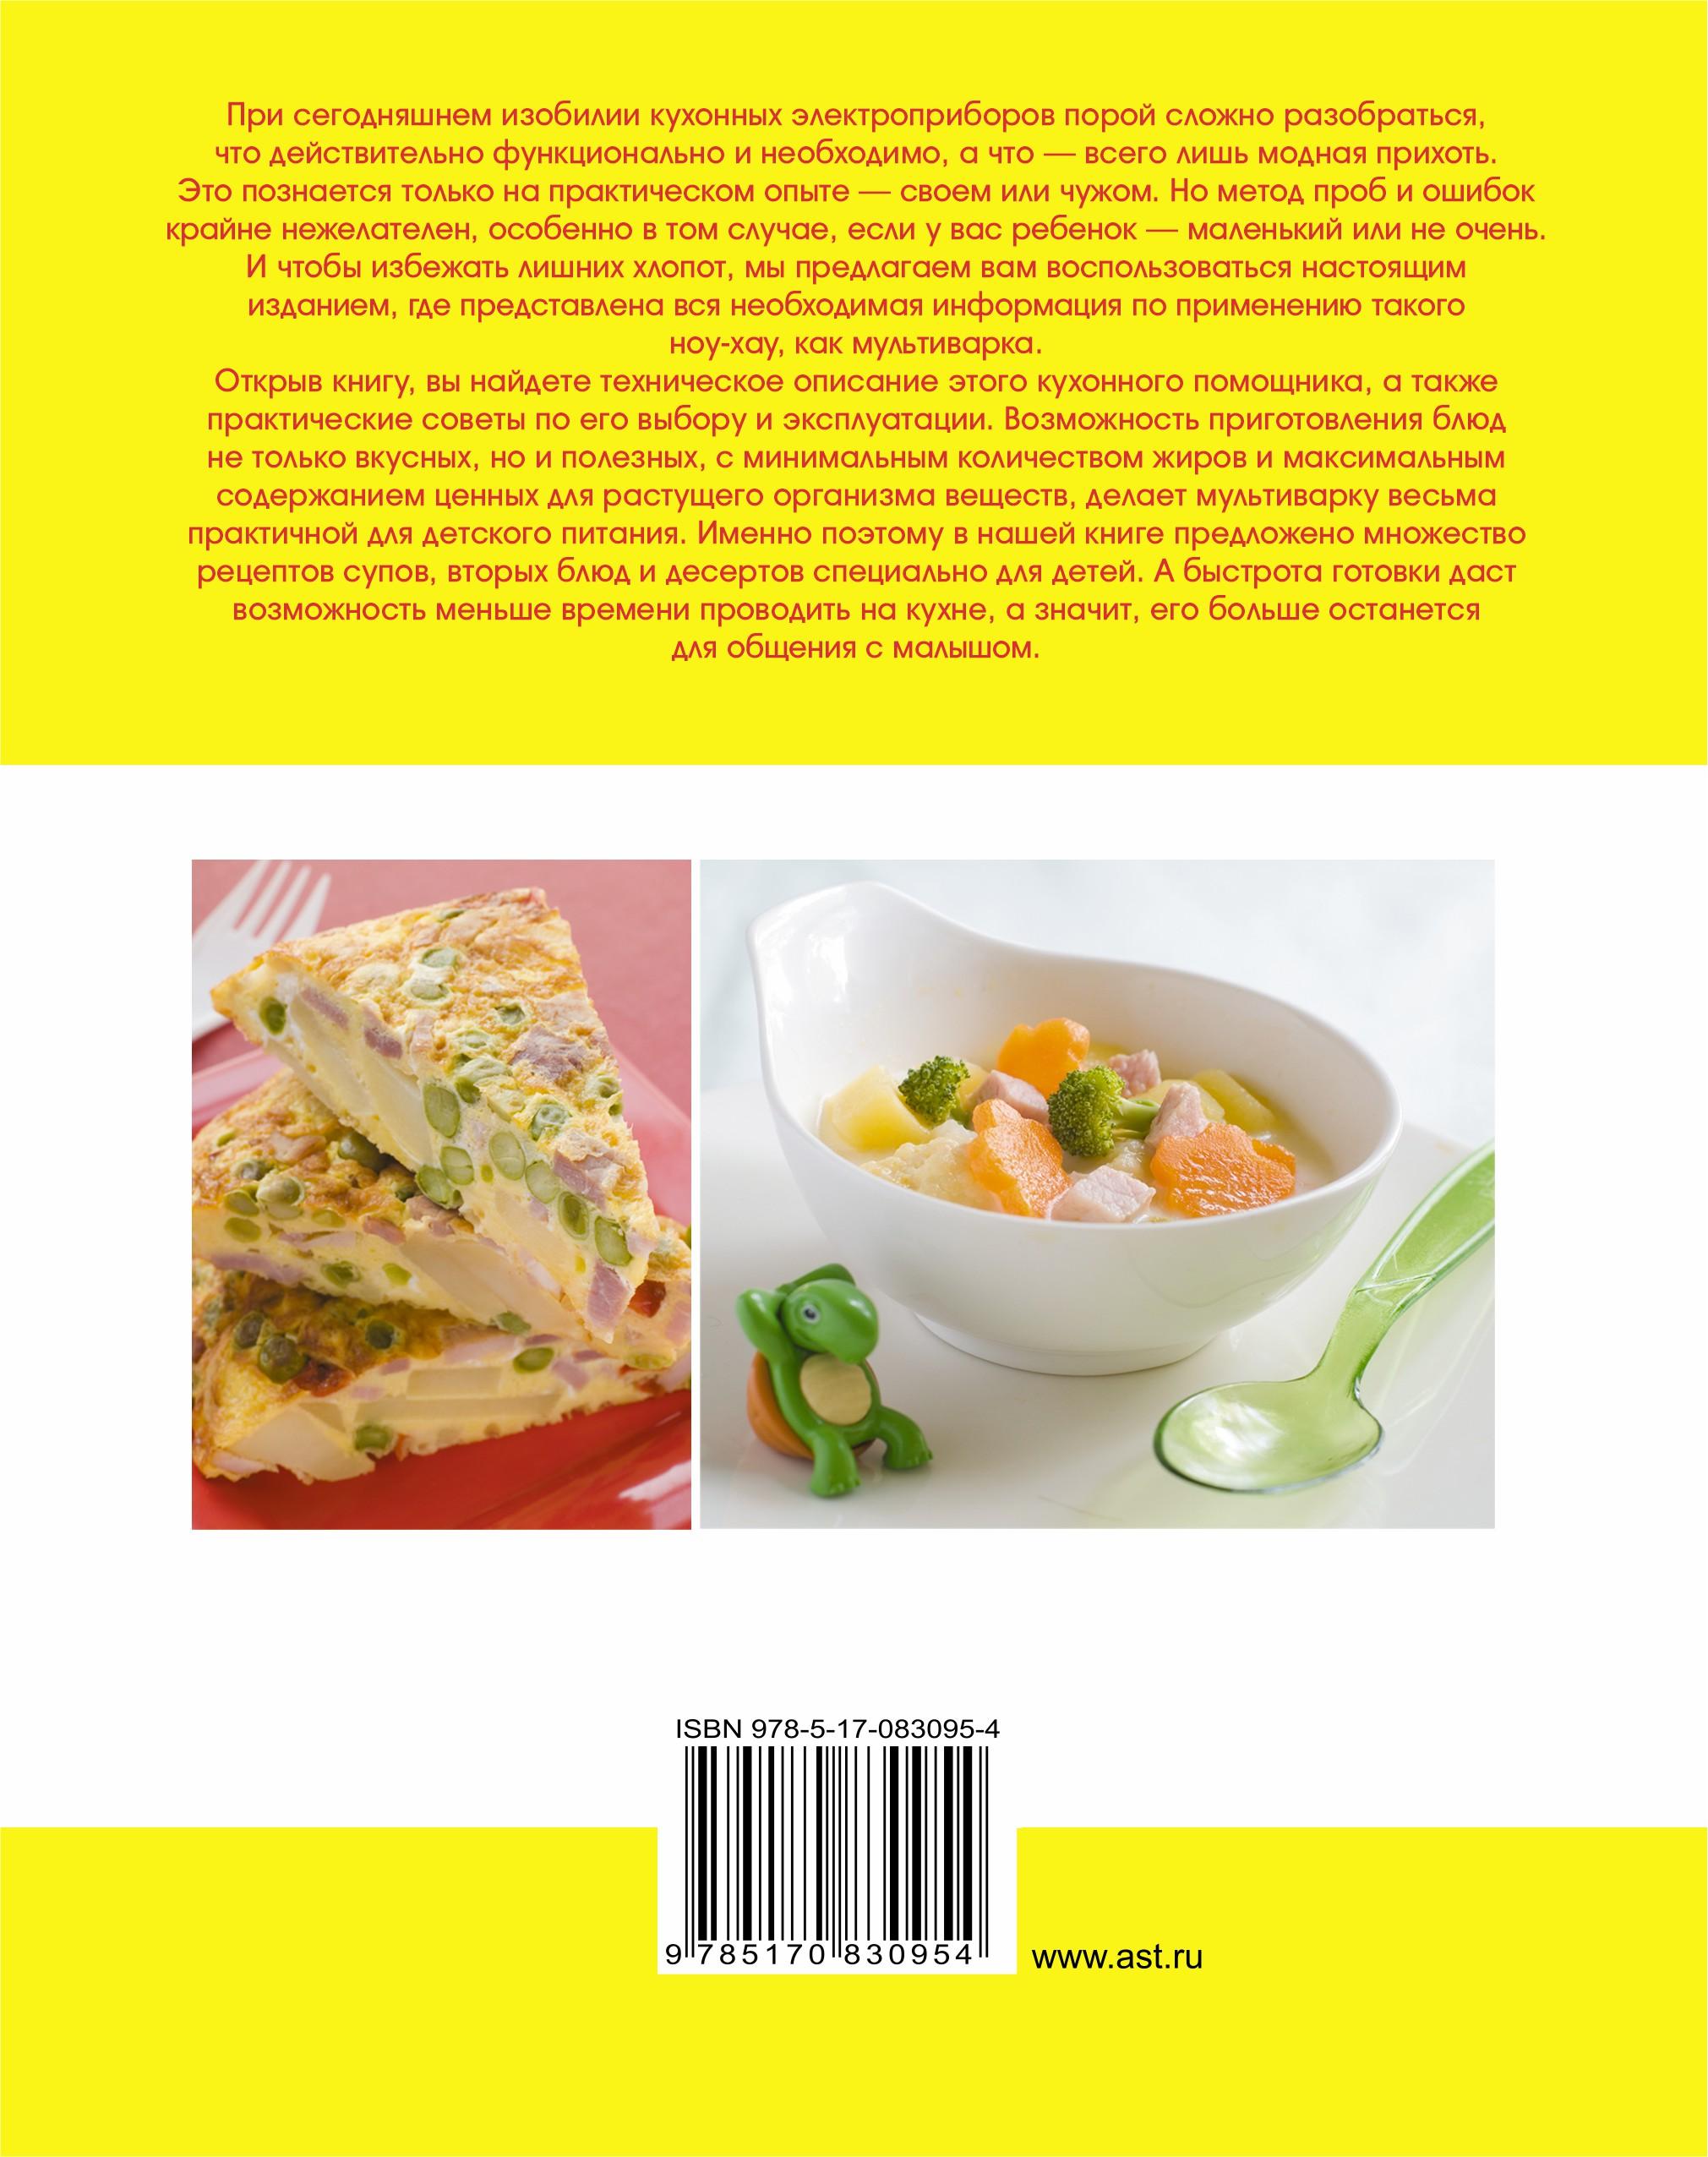 Вторые блюда для детей в мультиварке рецепты с фото